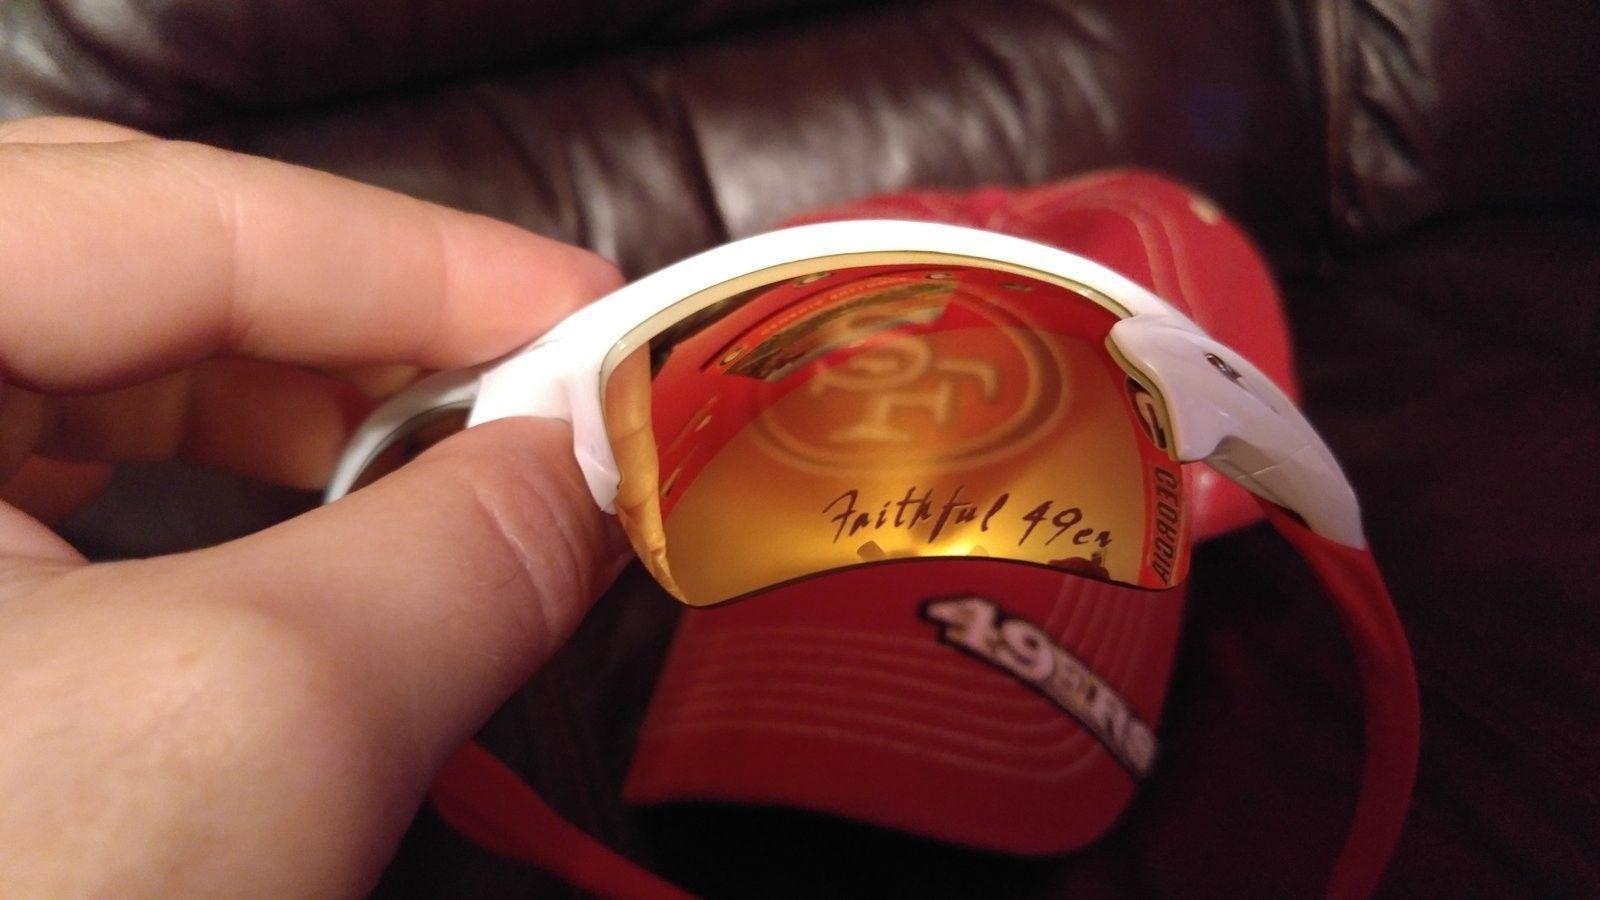 49ers OCP - 0922161949b.jpg